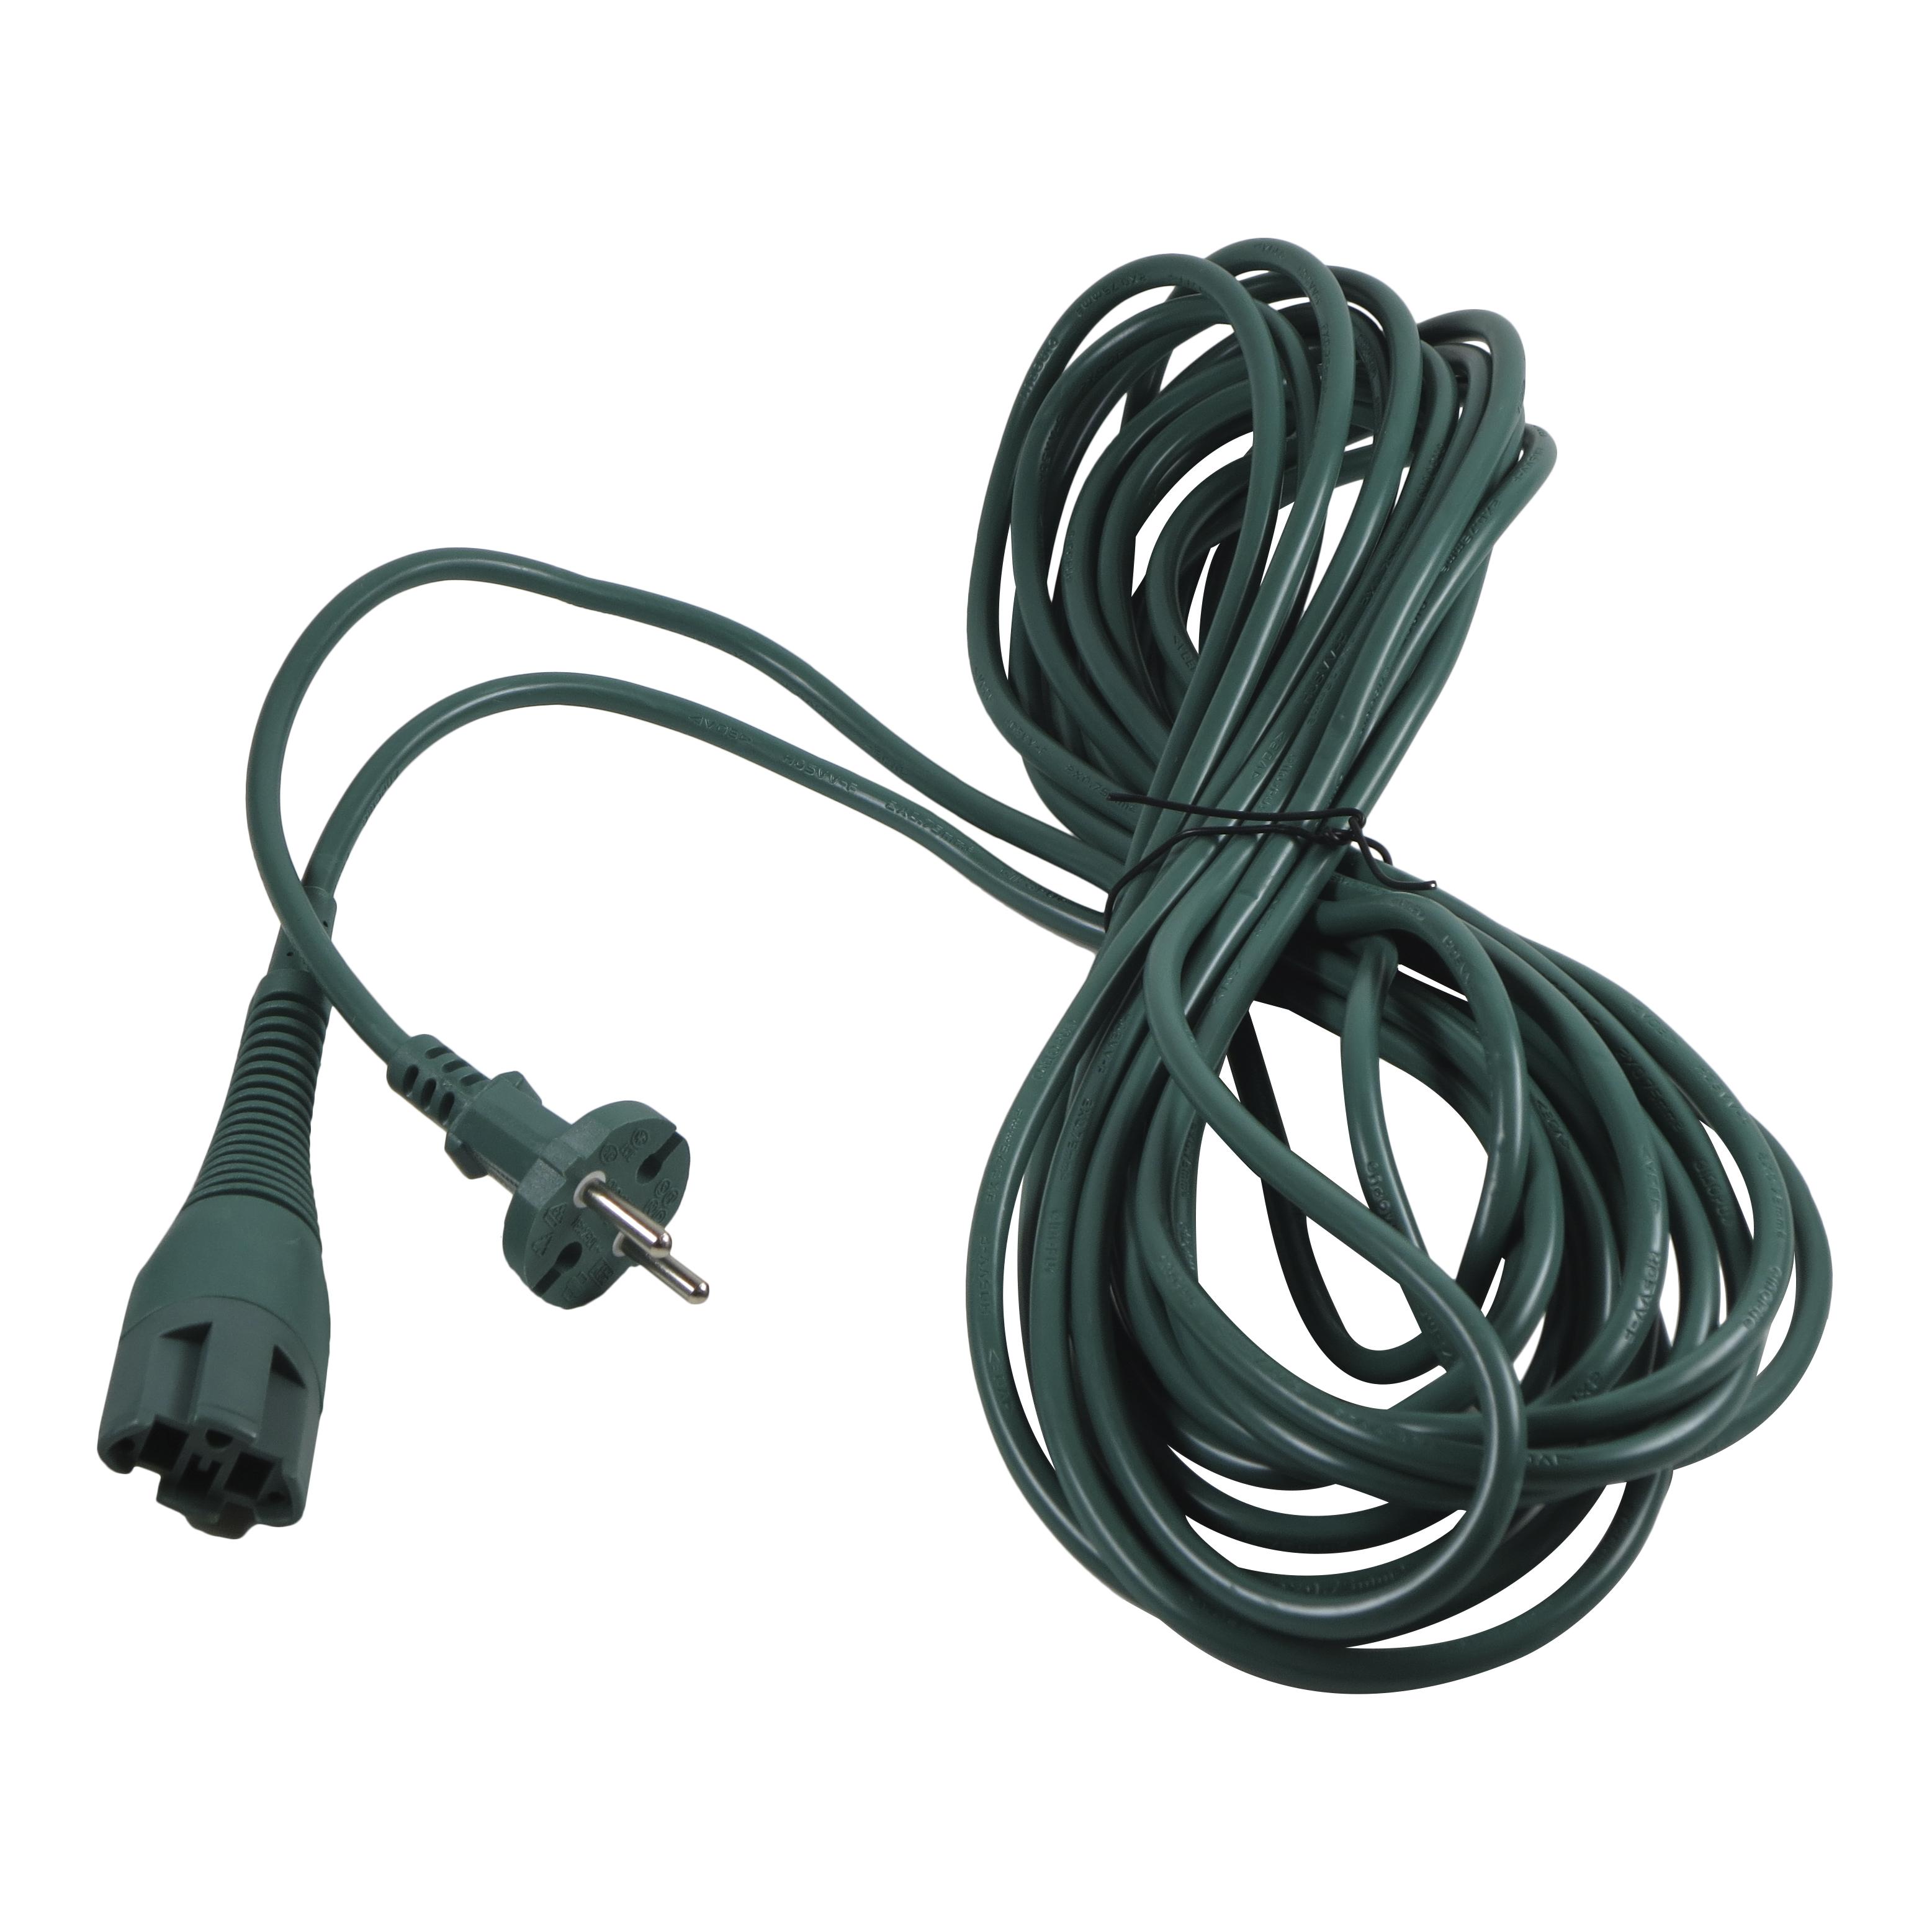 10 meter kabel geeignet f r vorwerk kobold 130 131. Black Bedroom Furniture Sets. Home Design Ideas